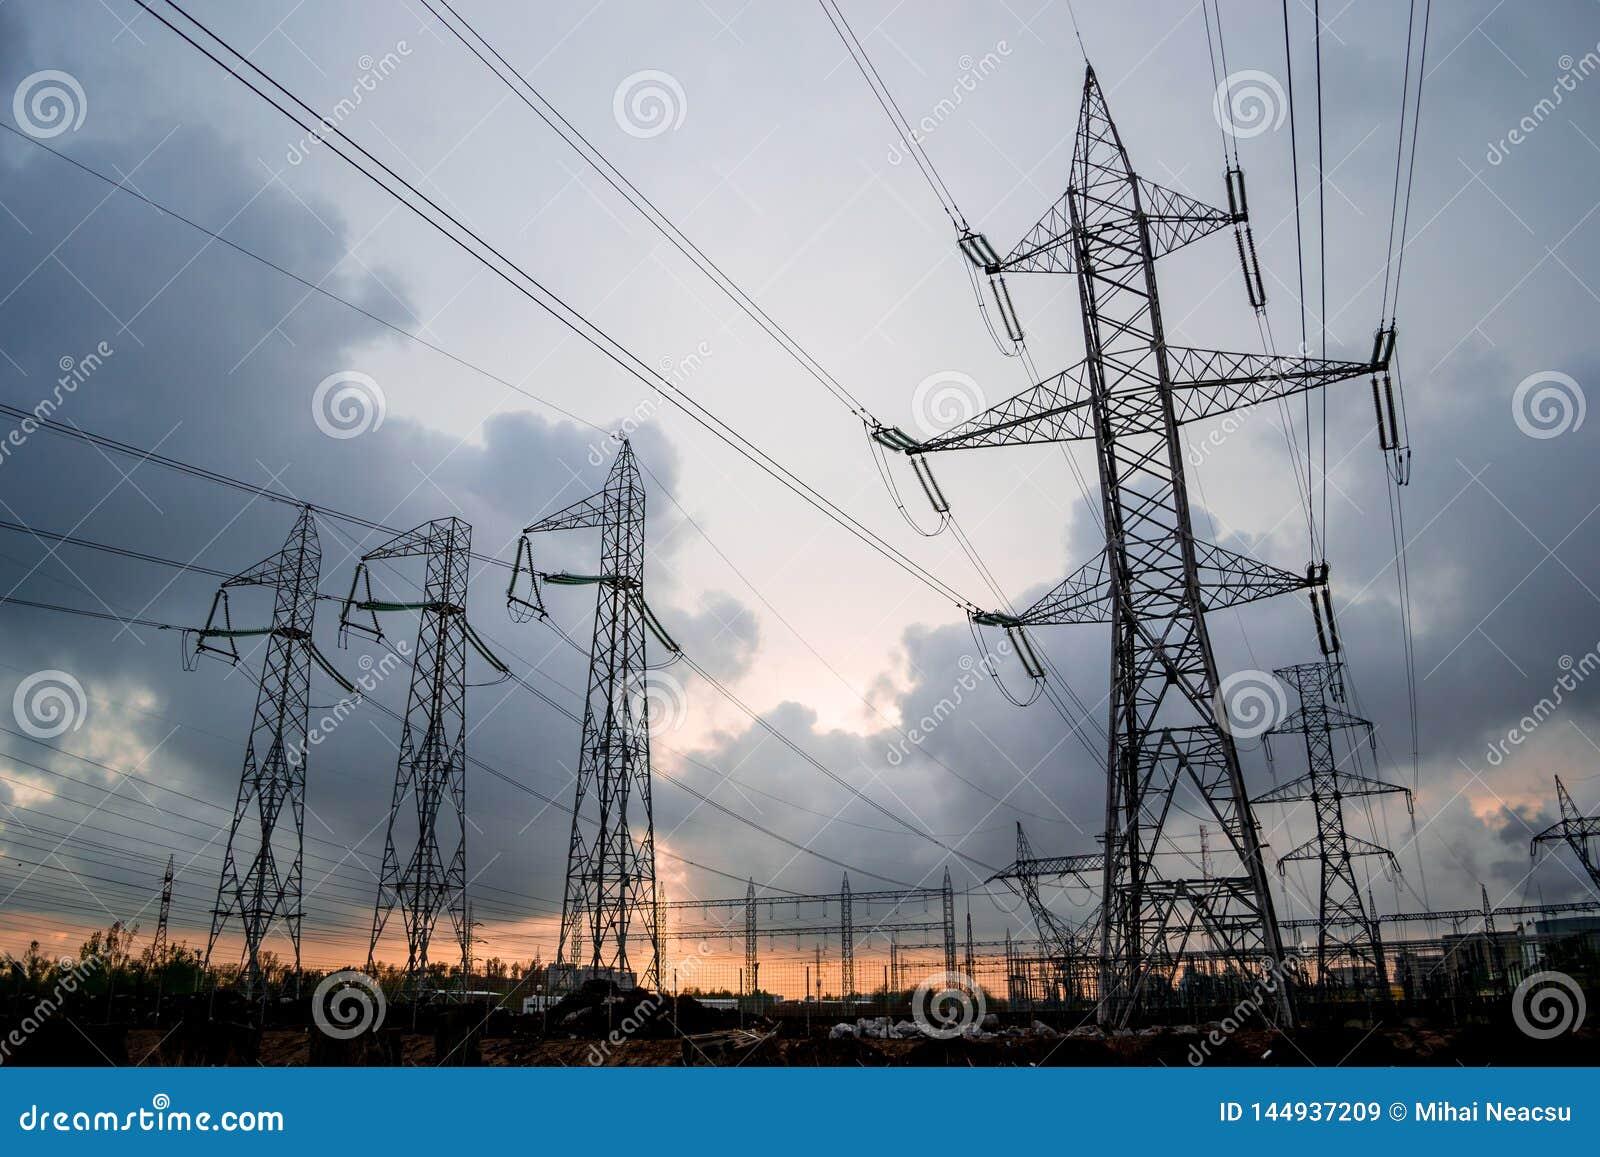 Υψηλής τάσεως πλέγμα ηλεκτρικής ενέργειας των ηλεκτροφόρων καλωδίων,